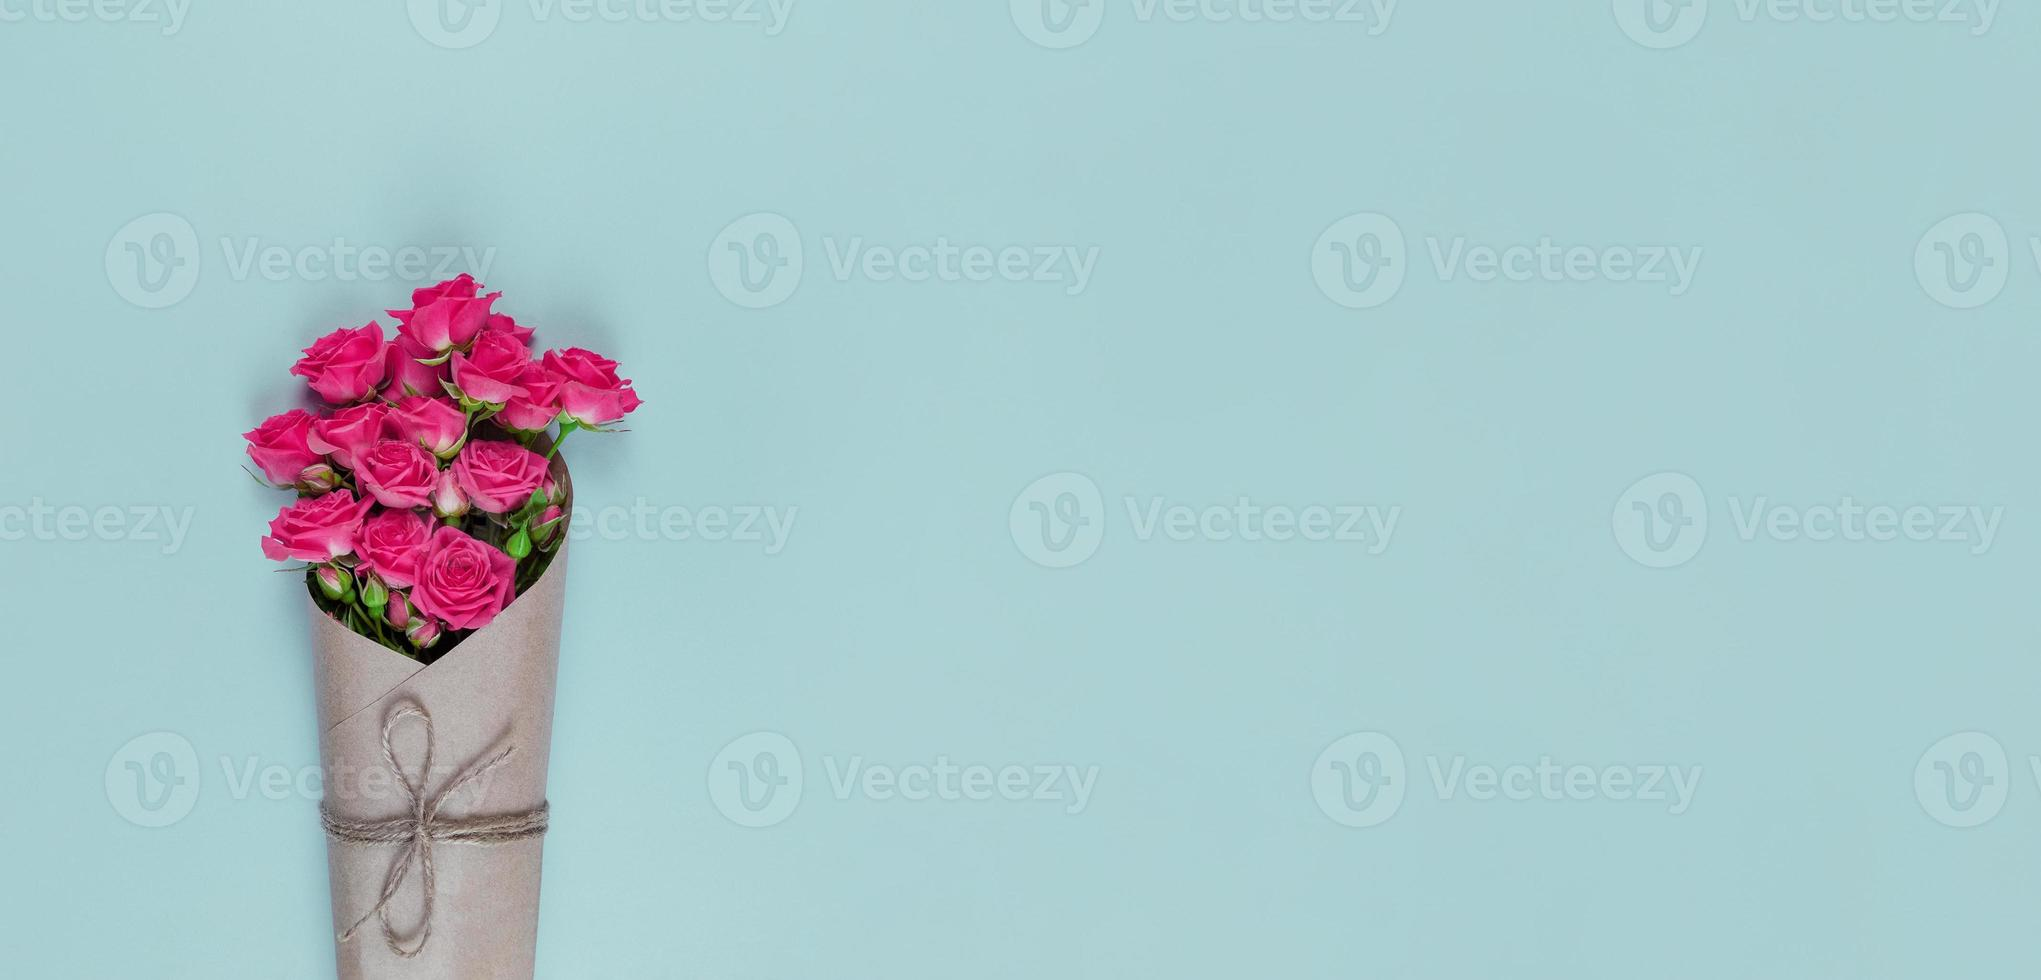 Bouquet de petites roses roses à fleurs enveloppées dans du papier craft sur fond bleu with copy space photo